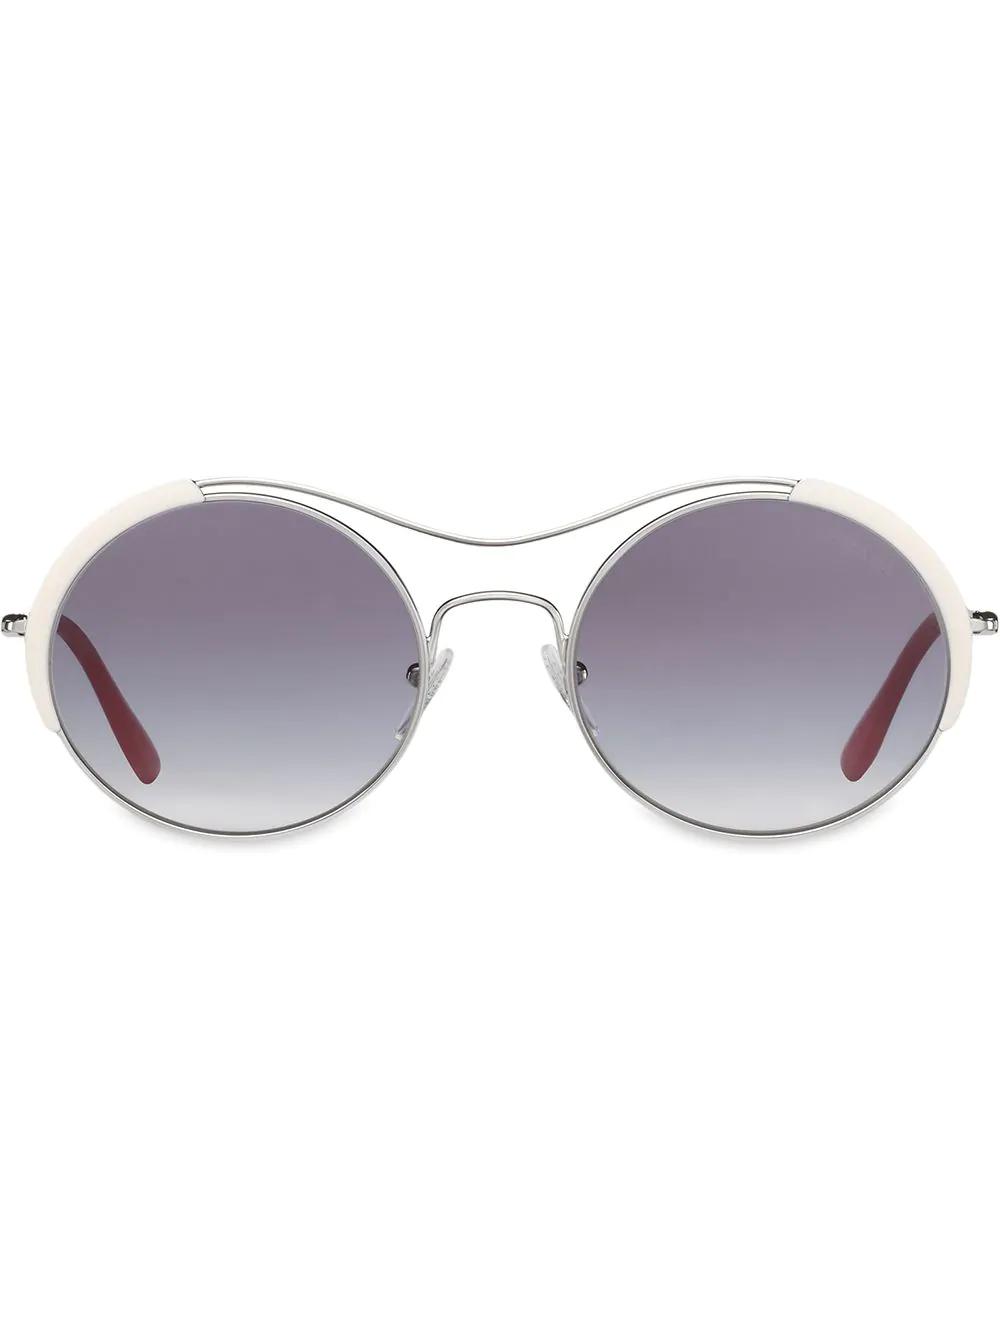 98547f7222c Prada Eyewear Round Shaped Sunglasses - White